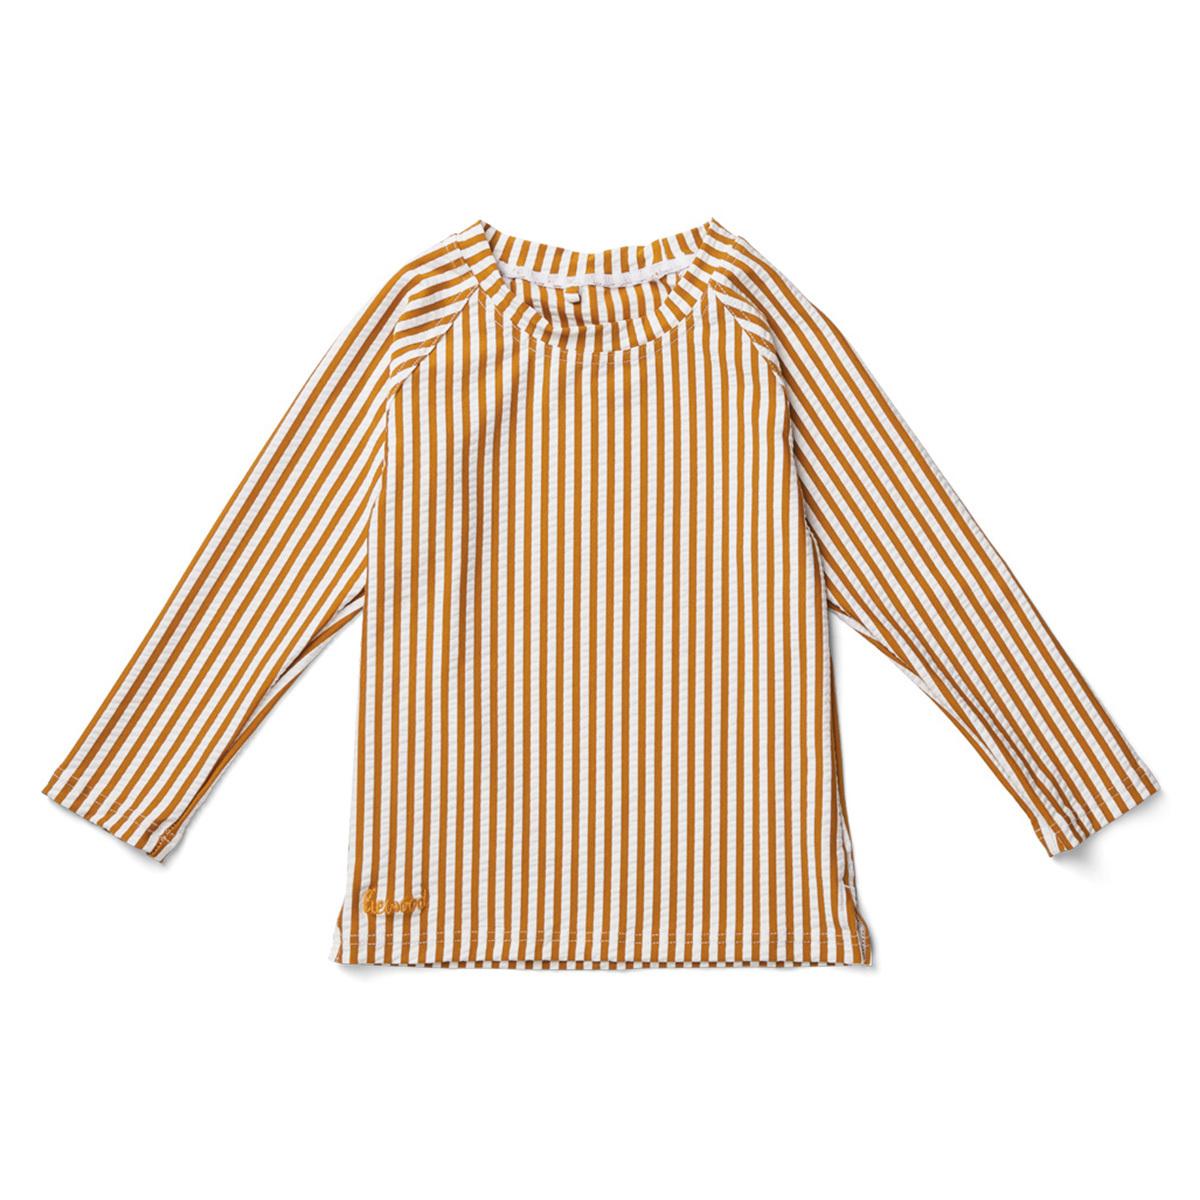 Accessoires bébé Tee-Shirt Noah Rayé Moutarde et Blanc - 3/9 Mois Tee-Shirt Noah Rayé Moutarde et Blanc - 3/9 Mois